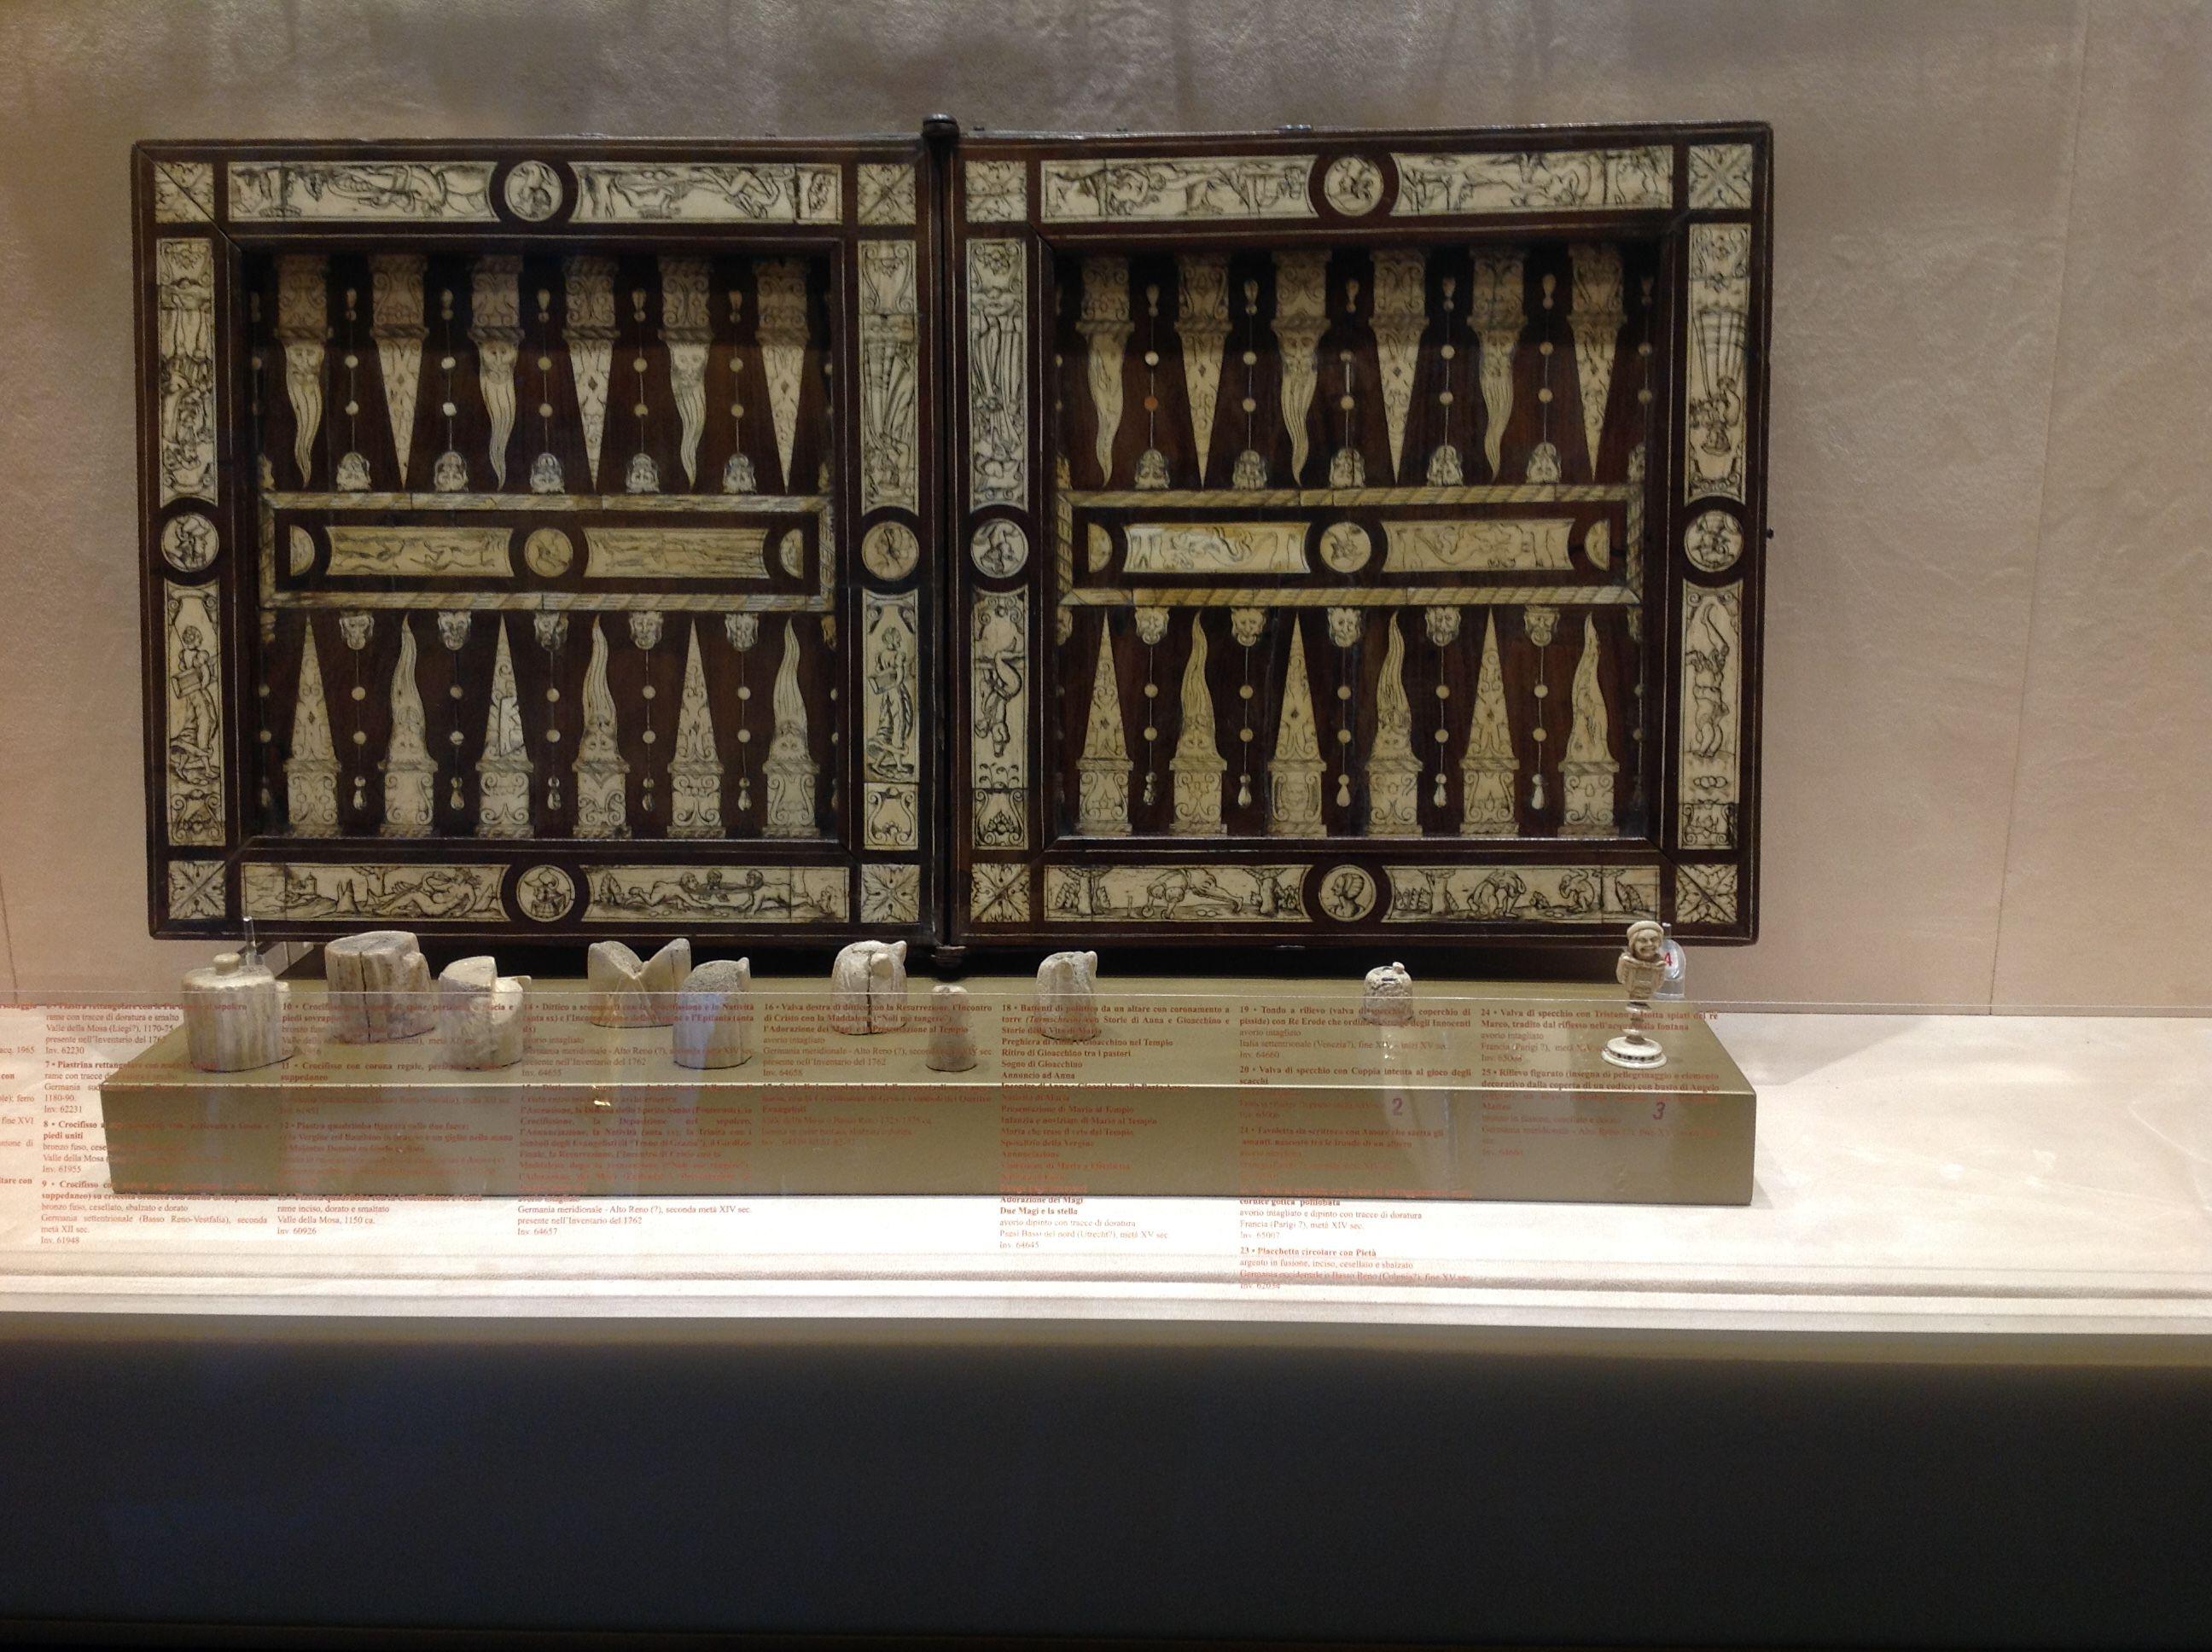 Tavolo Scacchiera ~ Tavola da gioco per scacchi filetto e tric trac con decorazioni